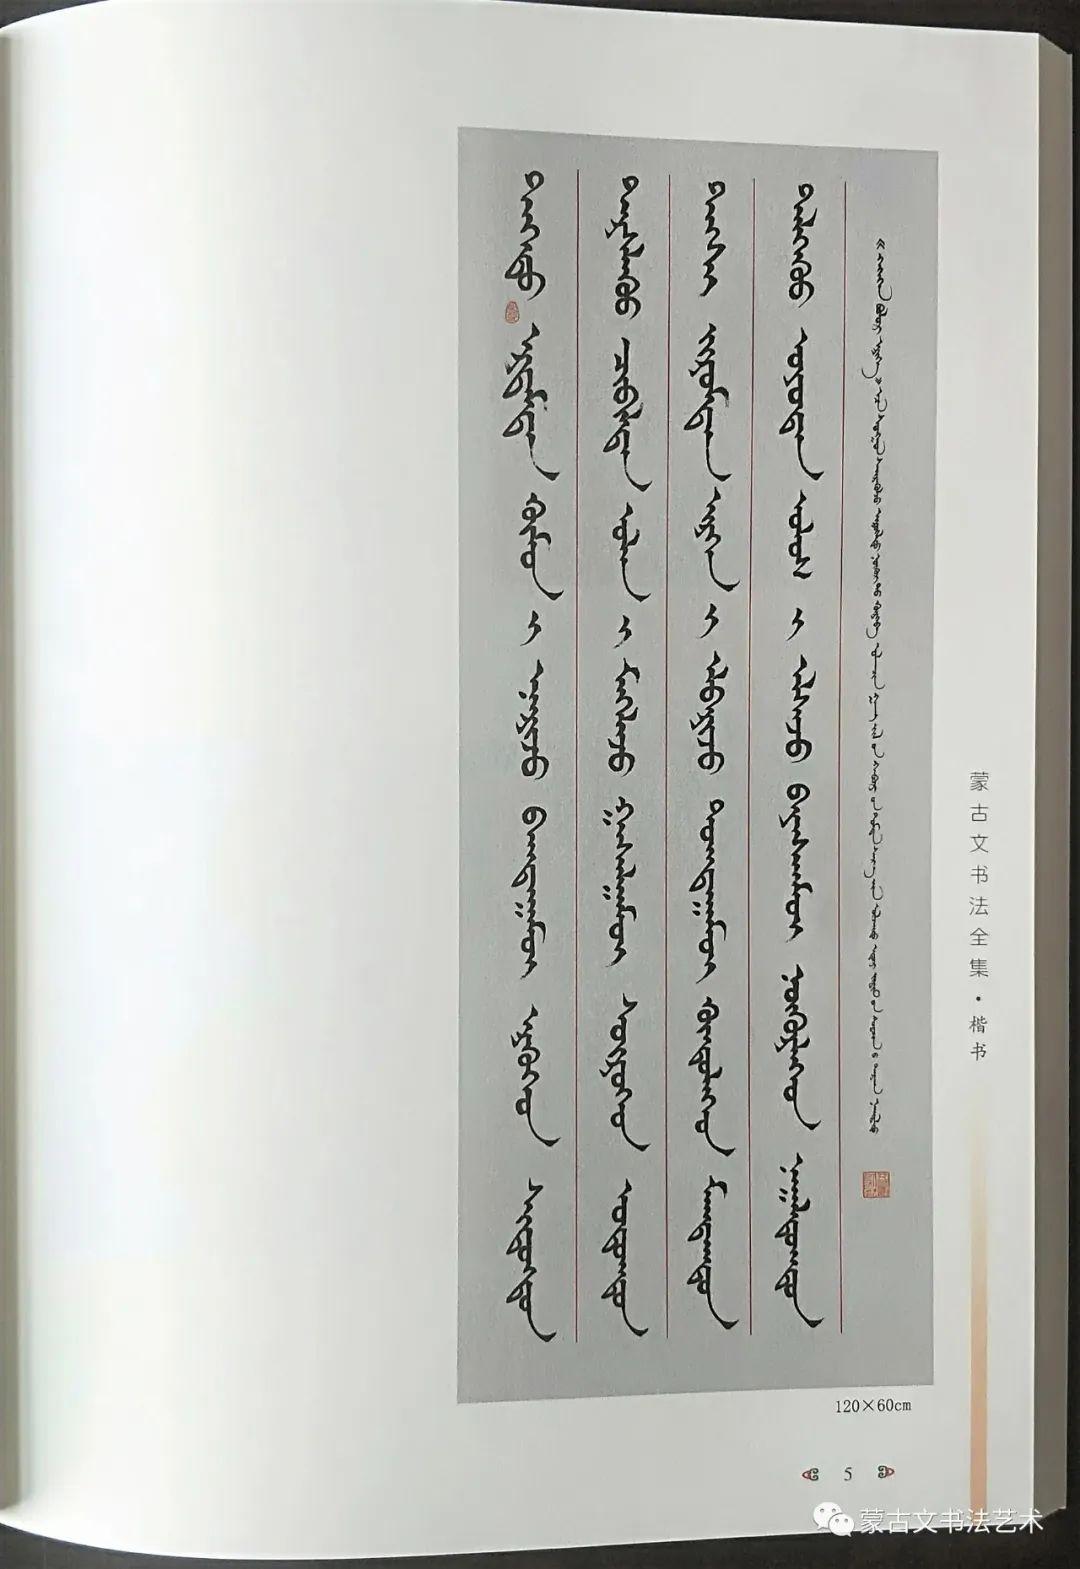 蒙古文书法全集 第9张 蒙古文书法全集 蒙古书法